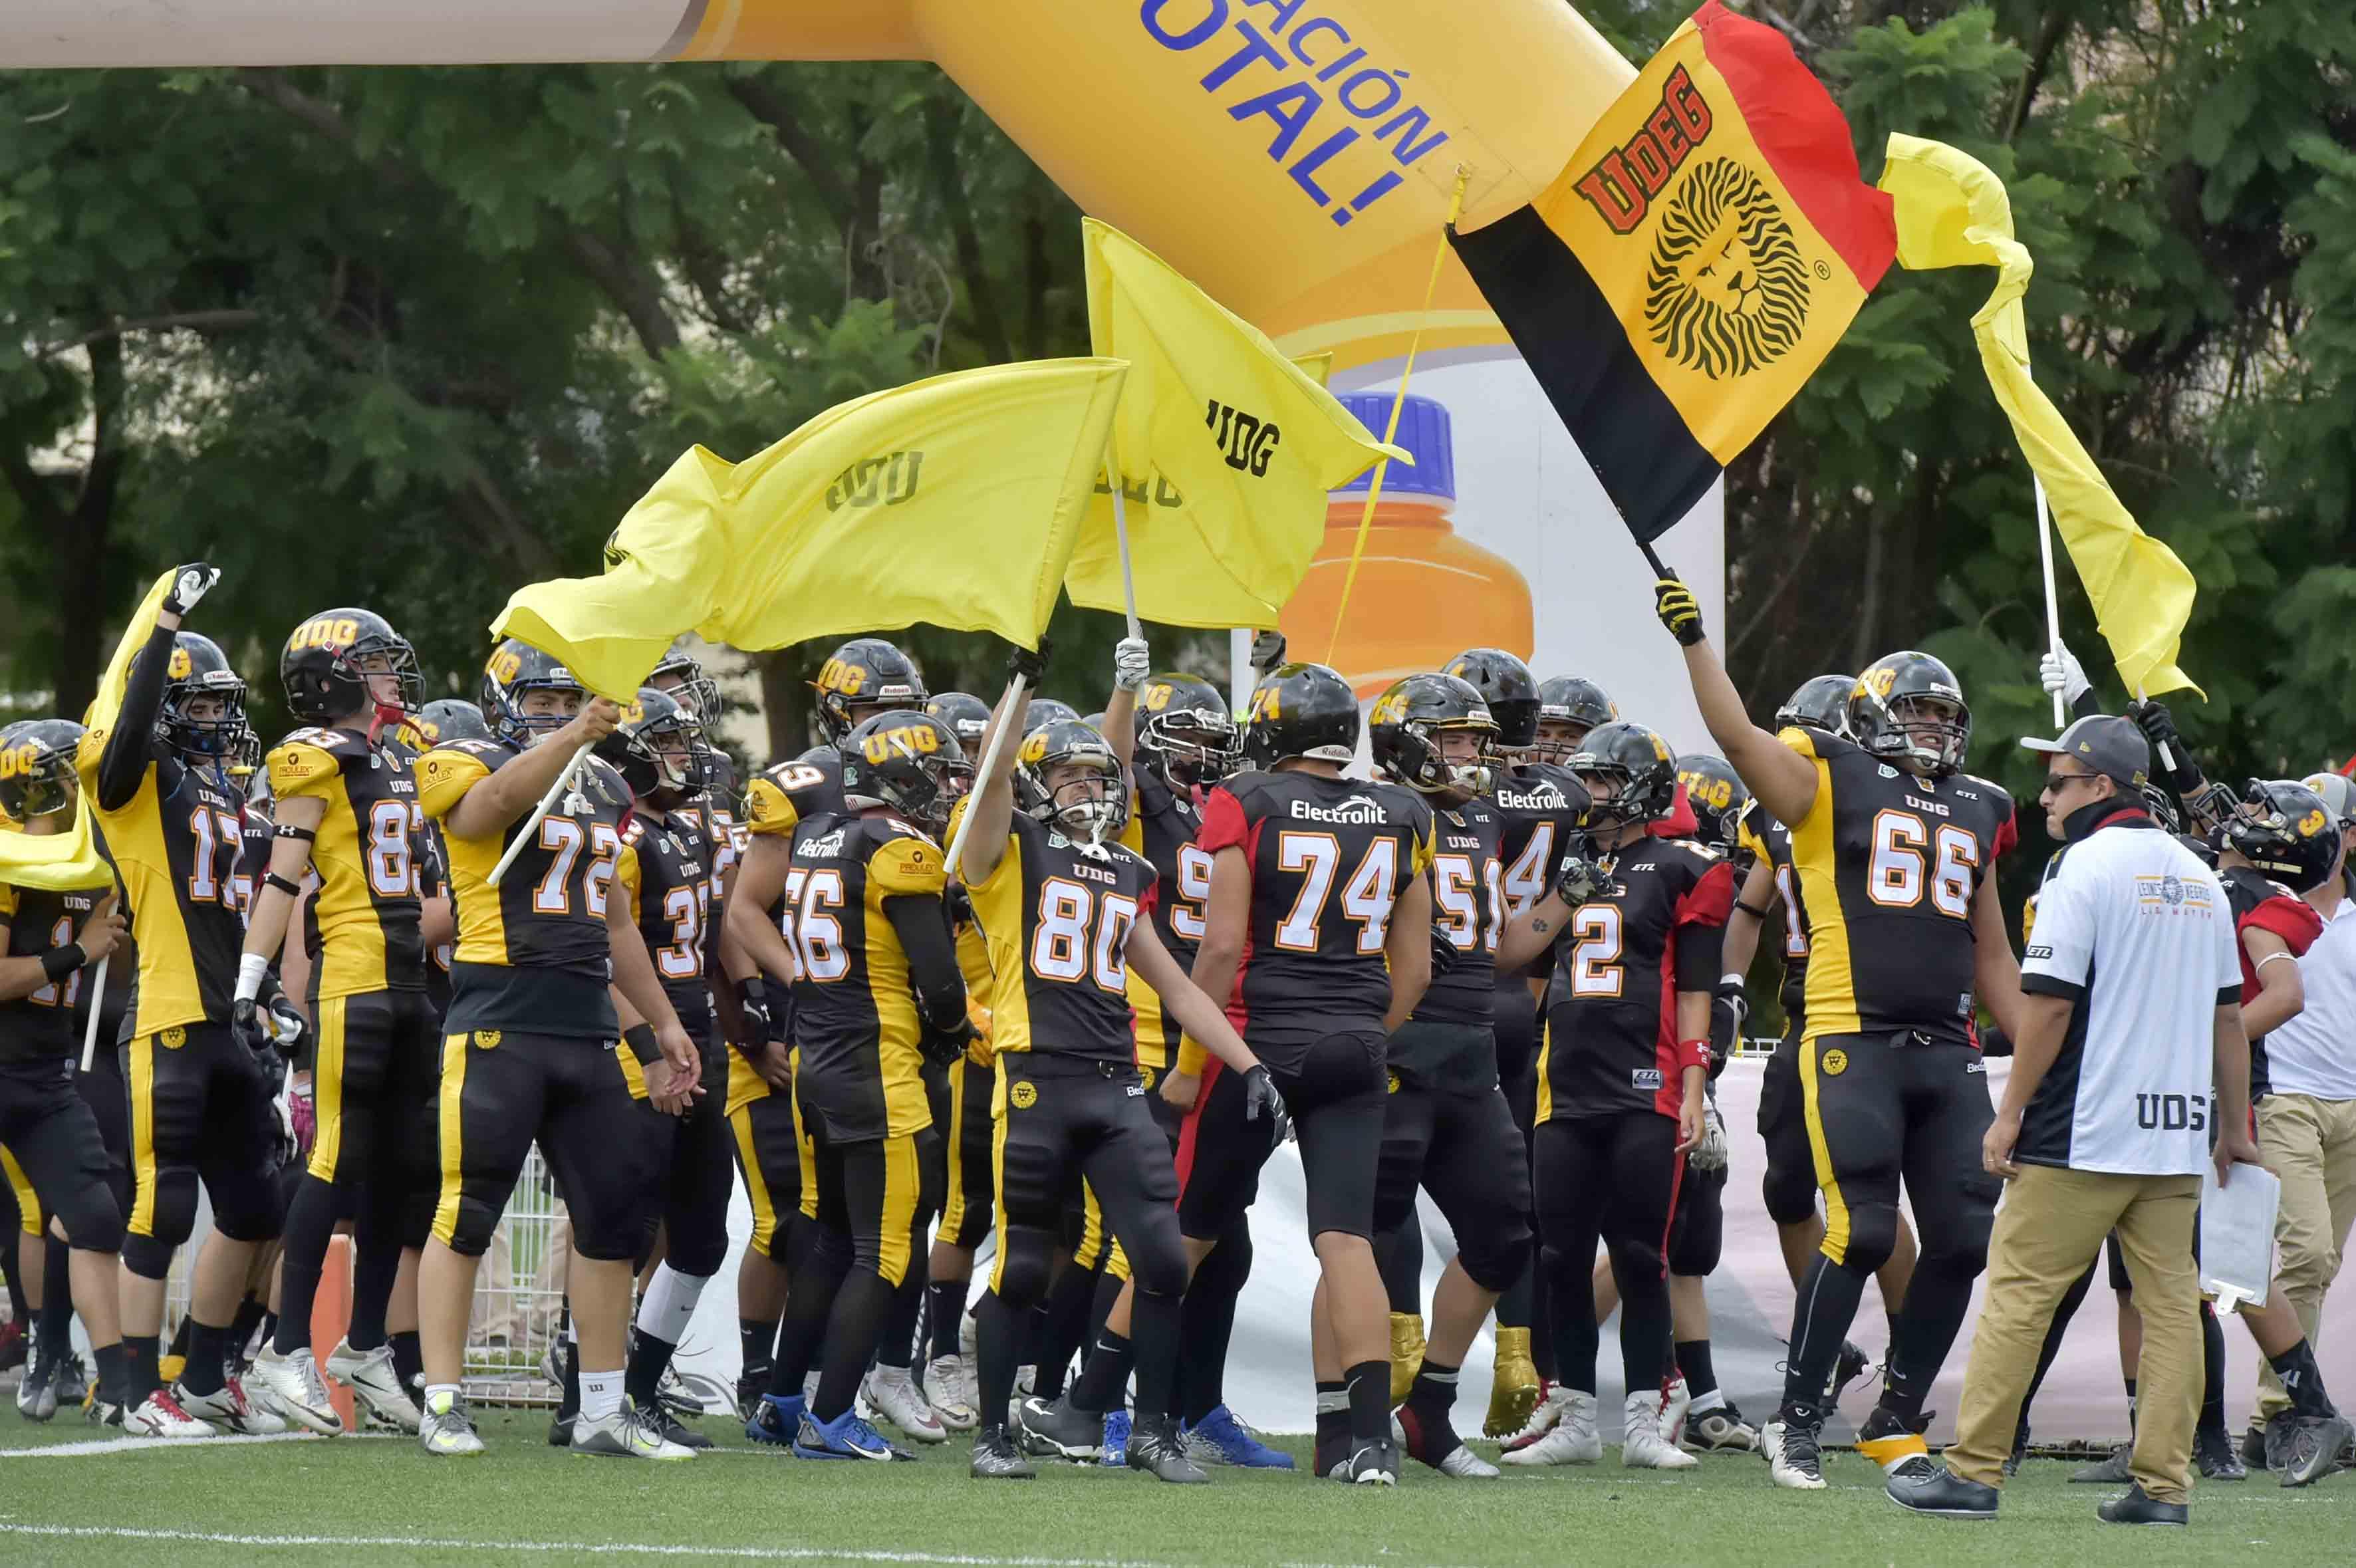 Leones Negros inicia participación en Liga Mayor de la ONEFA